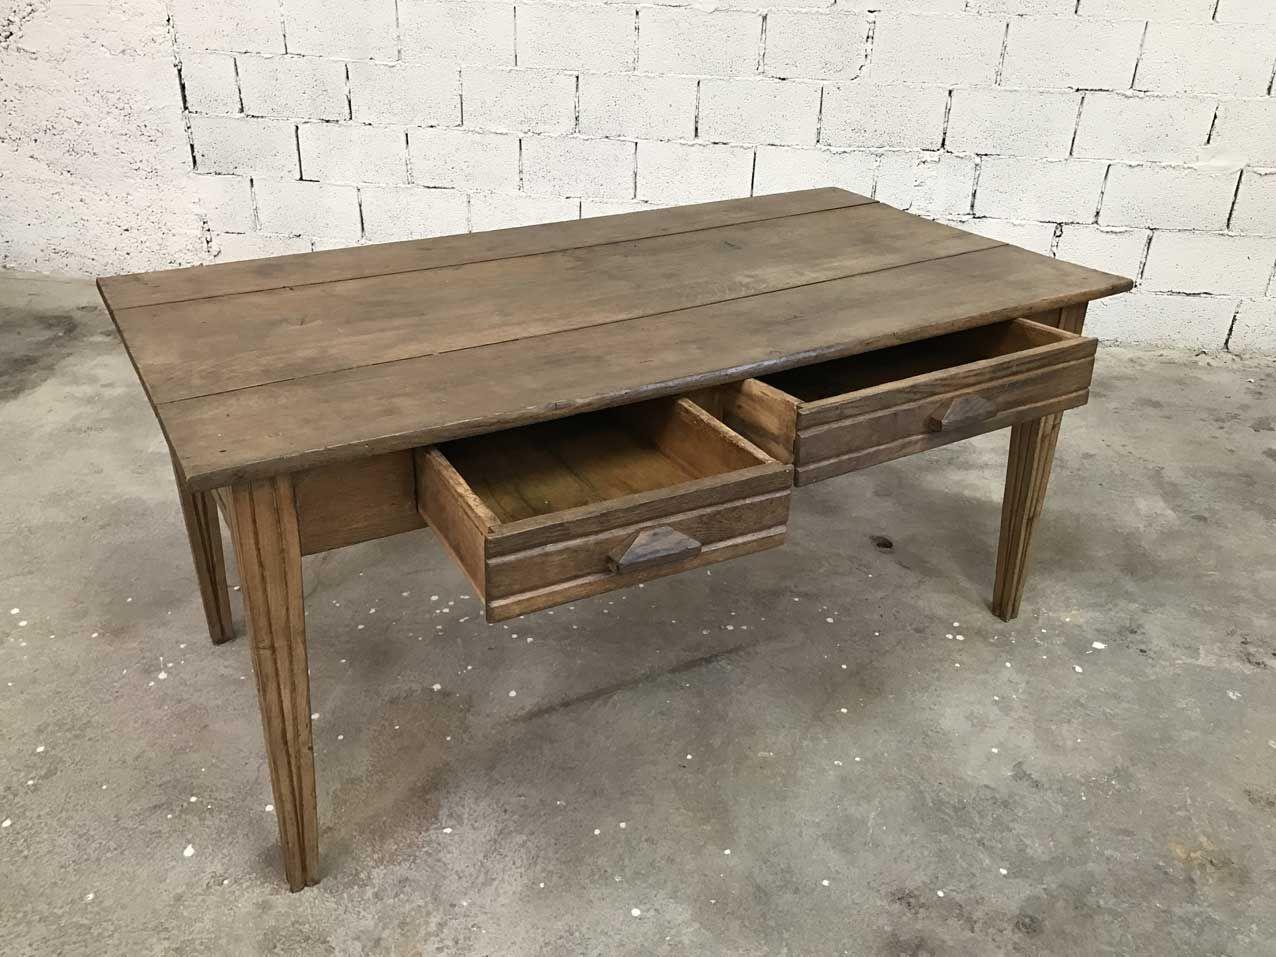 vintage eichenholz bauernhaus tisch bei pamono kaufen. Black Bedroom Furniture Sets. Home Design Ideas